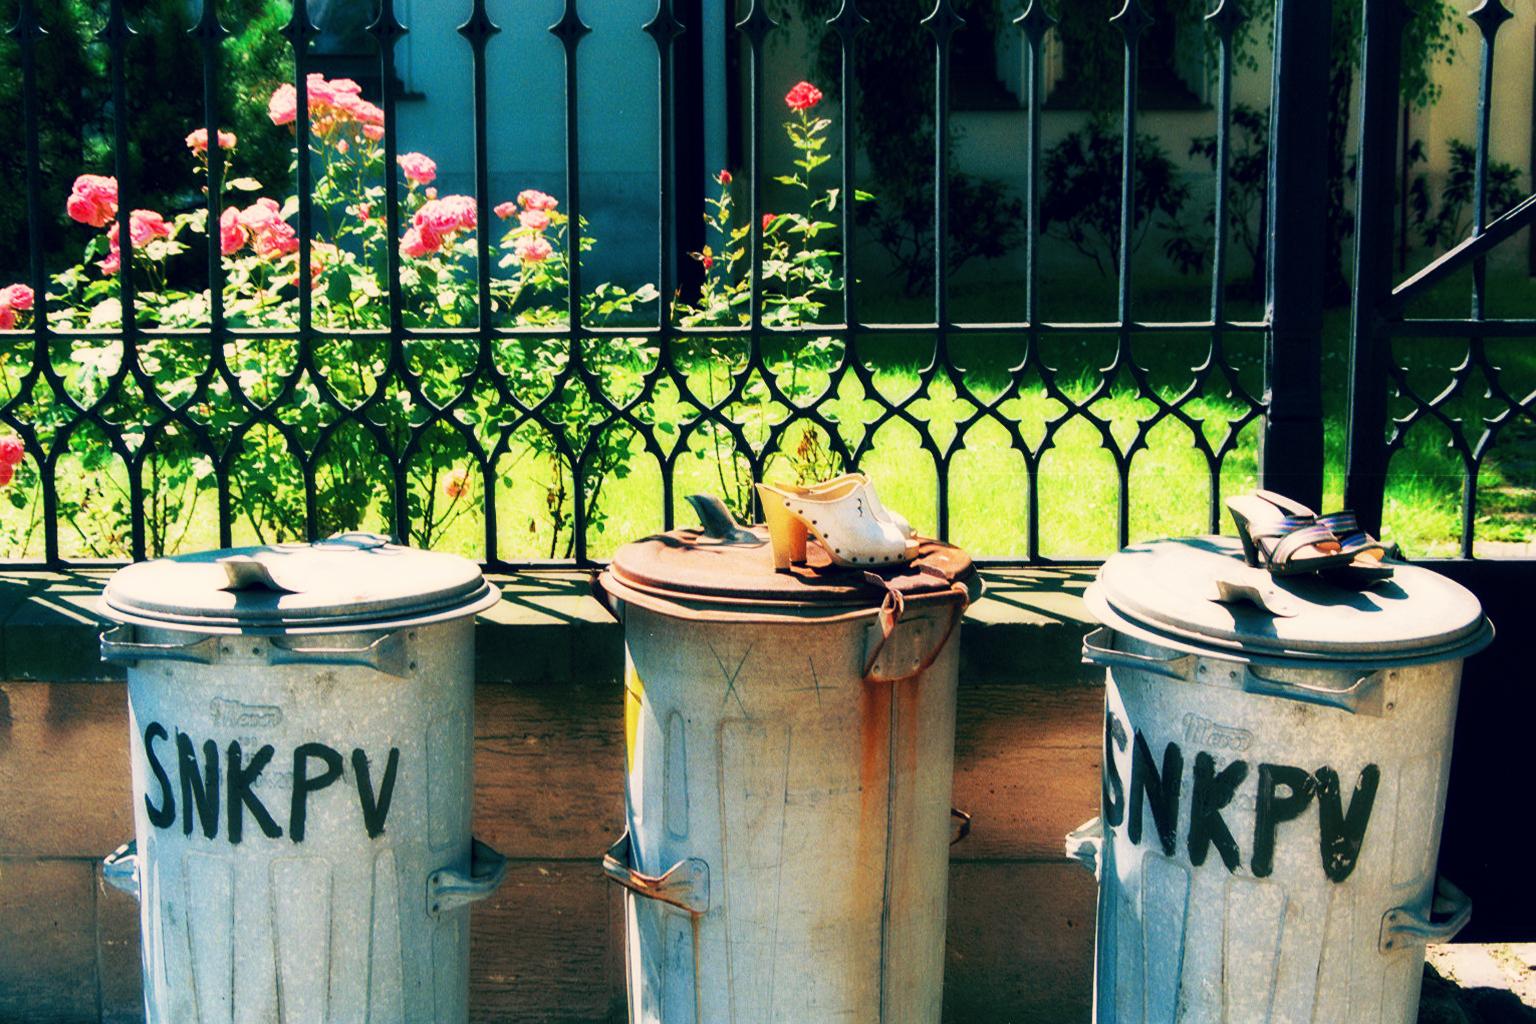 Prague trash